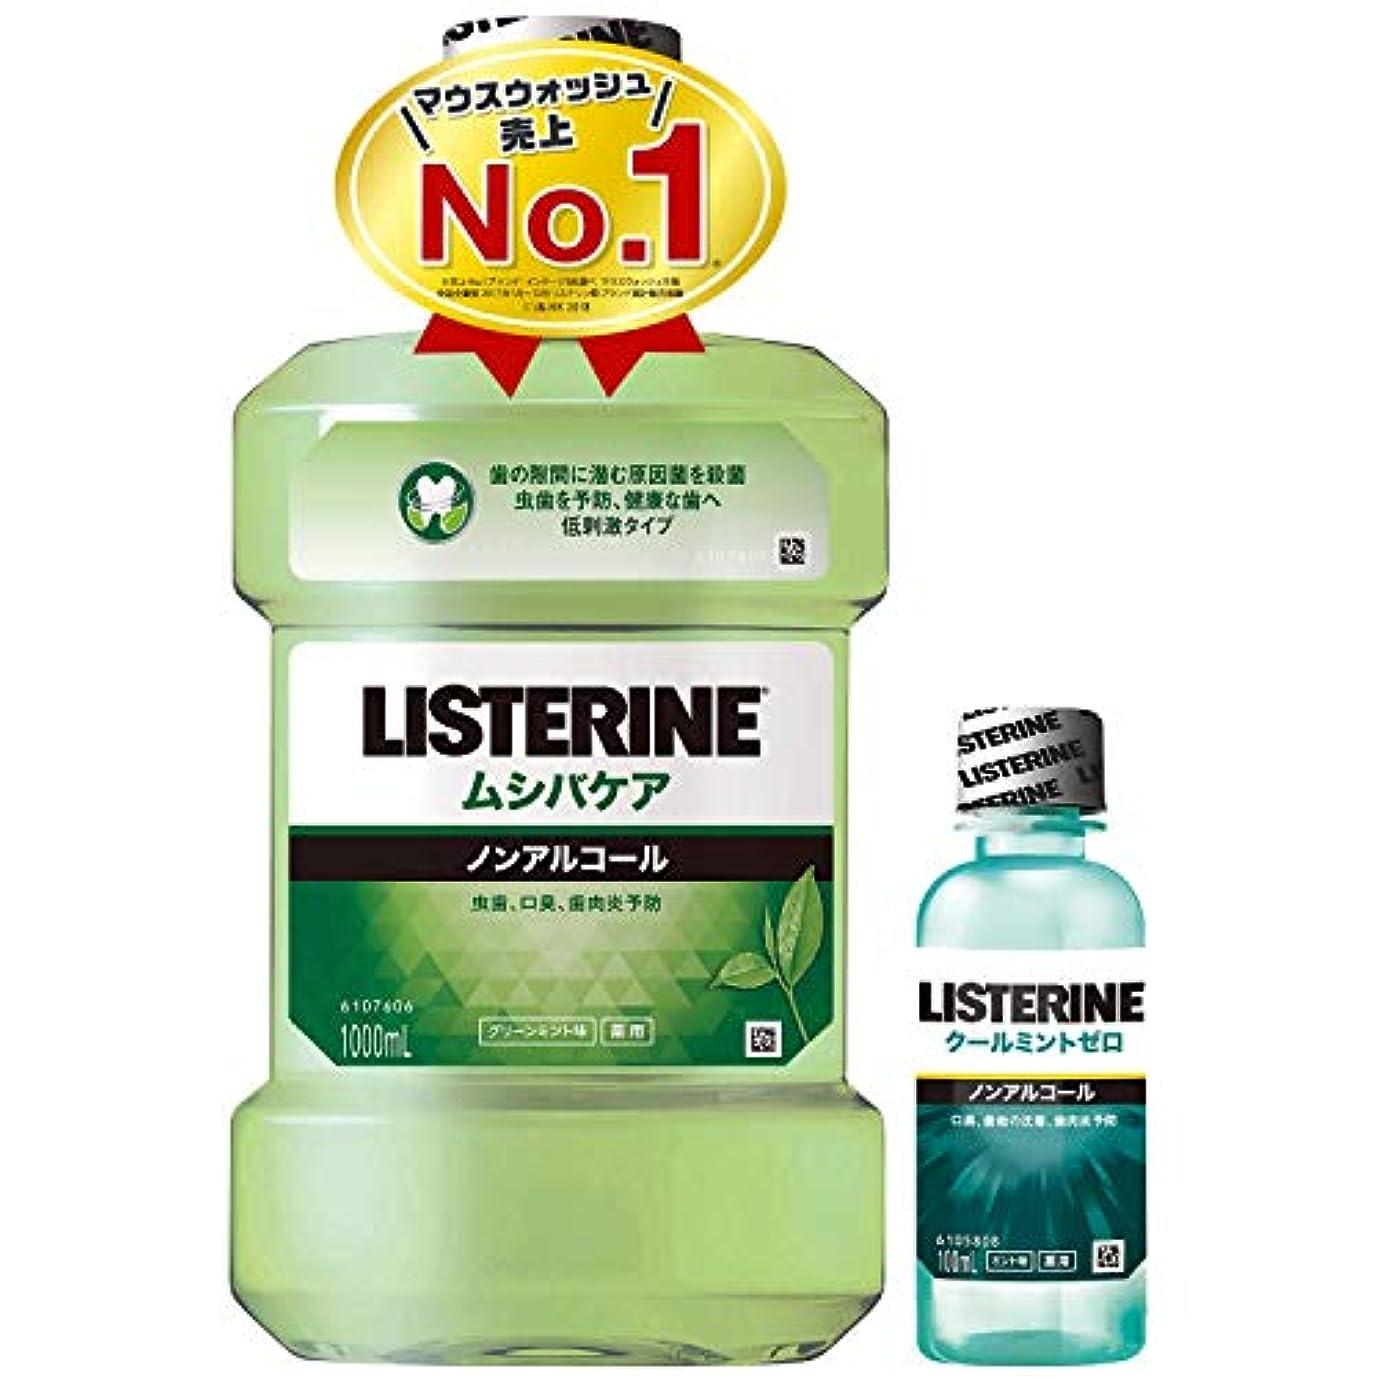 収益泳ぐ計画的[医薬部外品] 薬用 LISTERINE(リステリン) マウスウォッシュ ムシバケア 1000mL + おまけつき